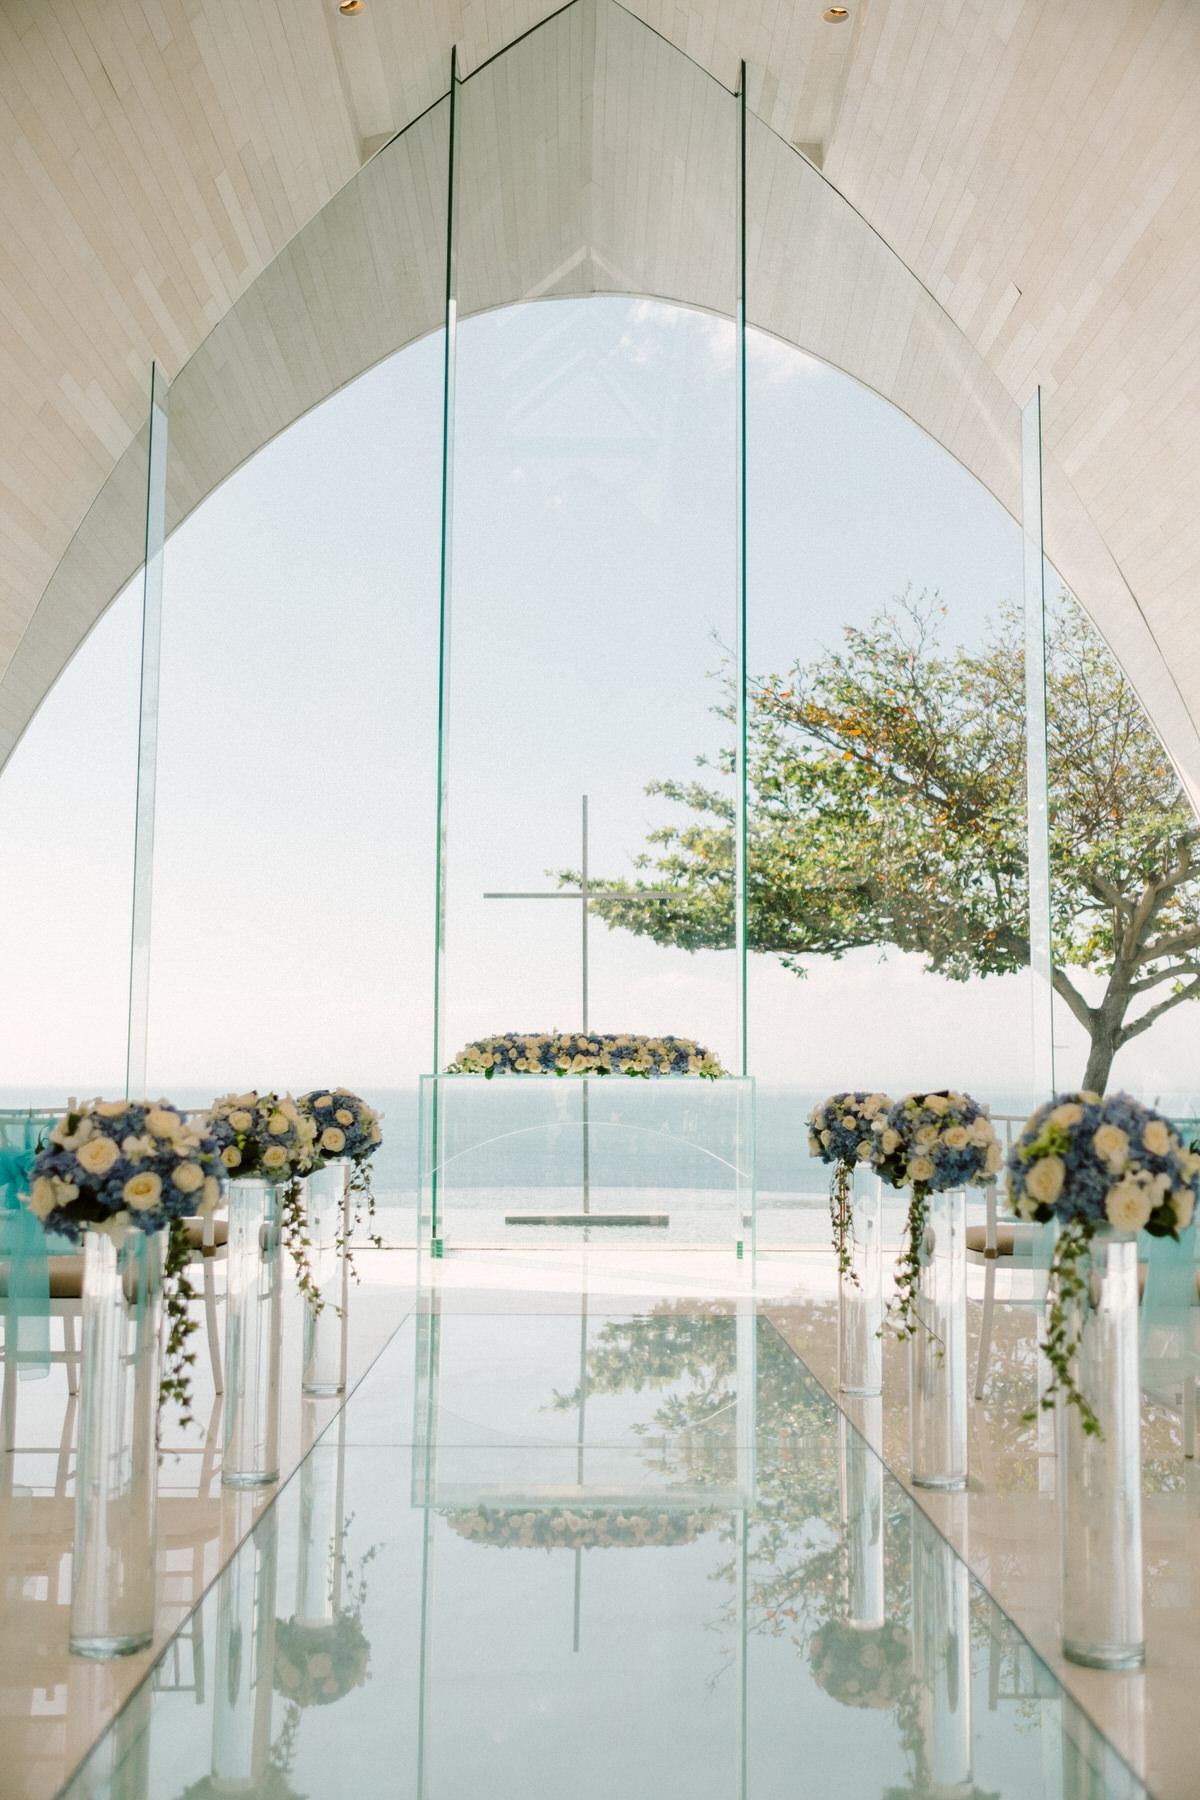 Tresna Chapel at Ayana Resort and Spa